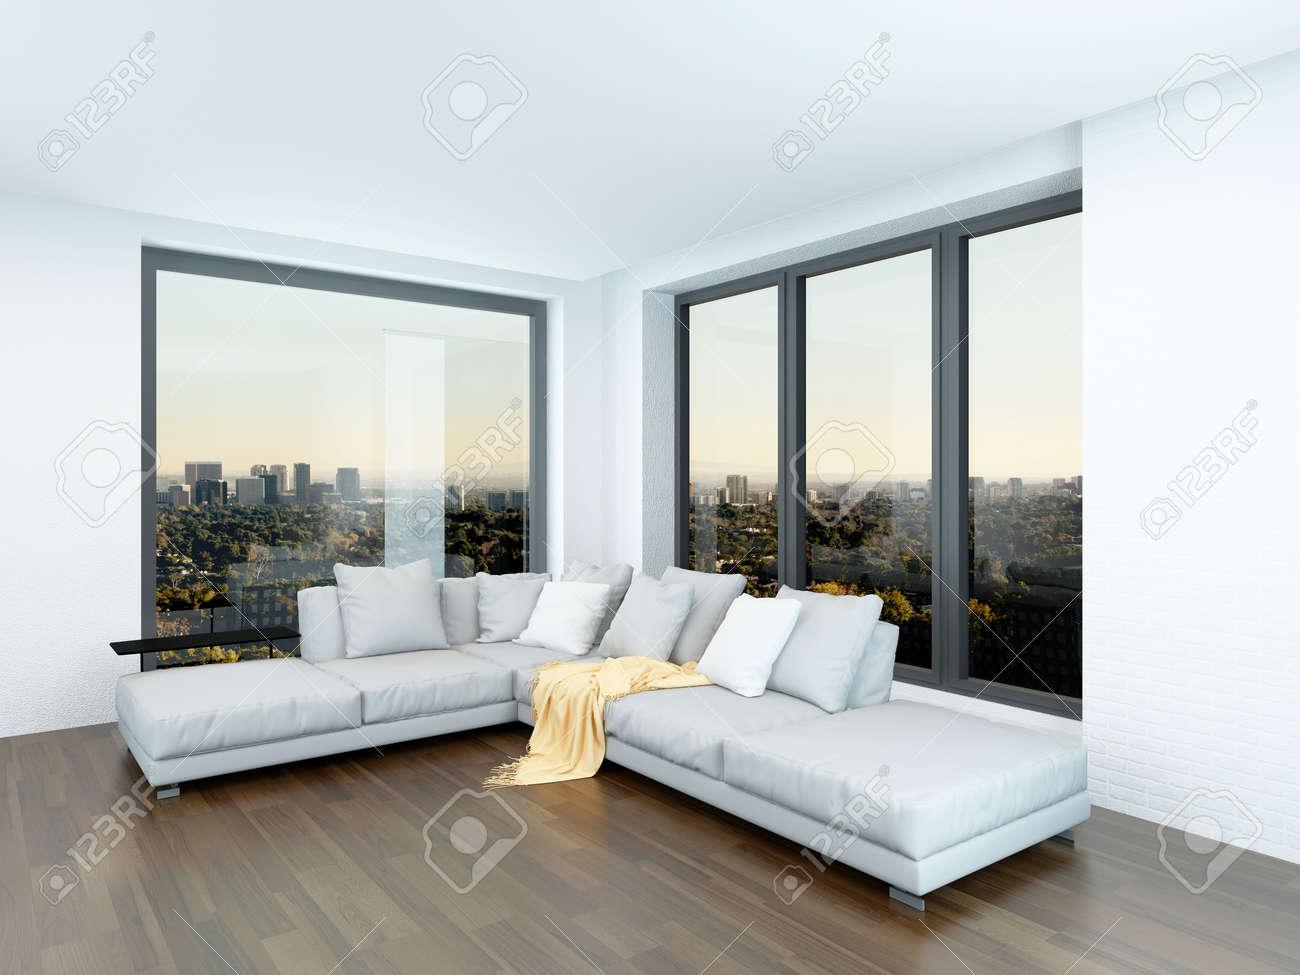 Fenster innenraum  Moderne Minimalistische Wohnzimmer Innenraum Mit Einer Sitzecke ...